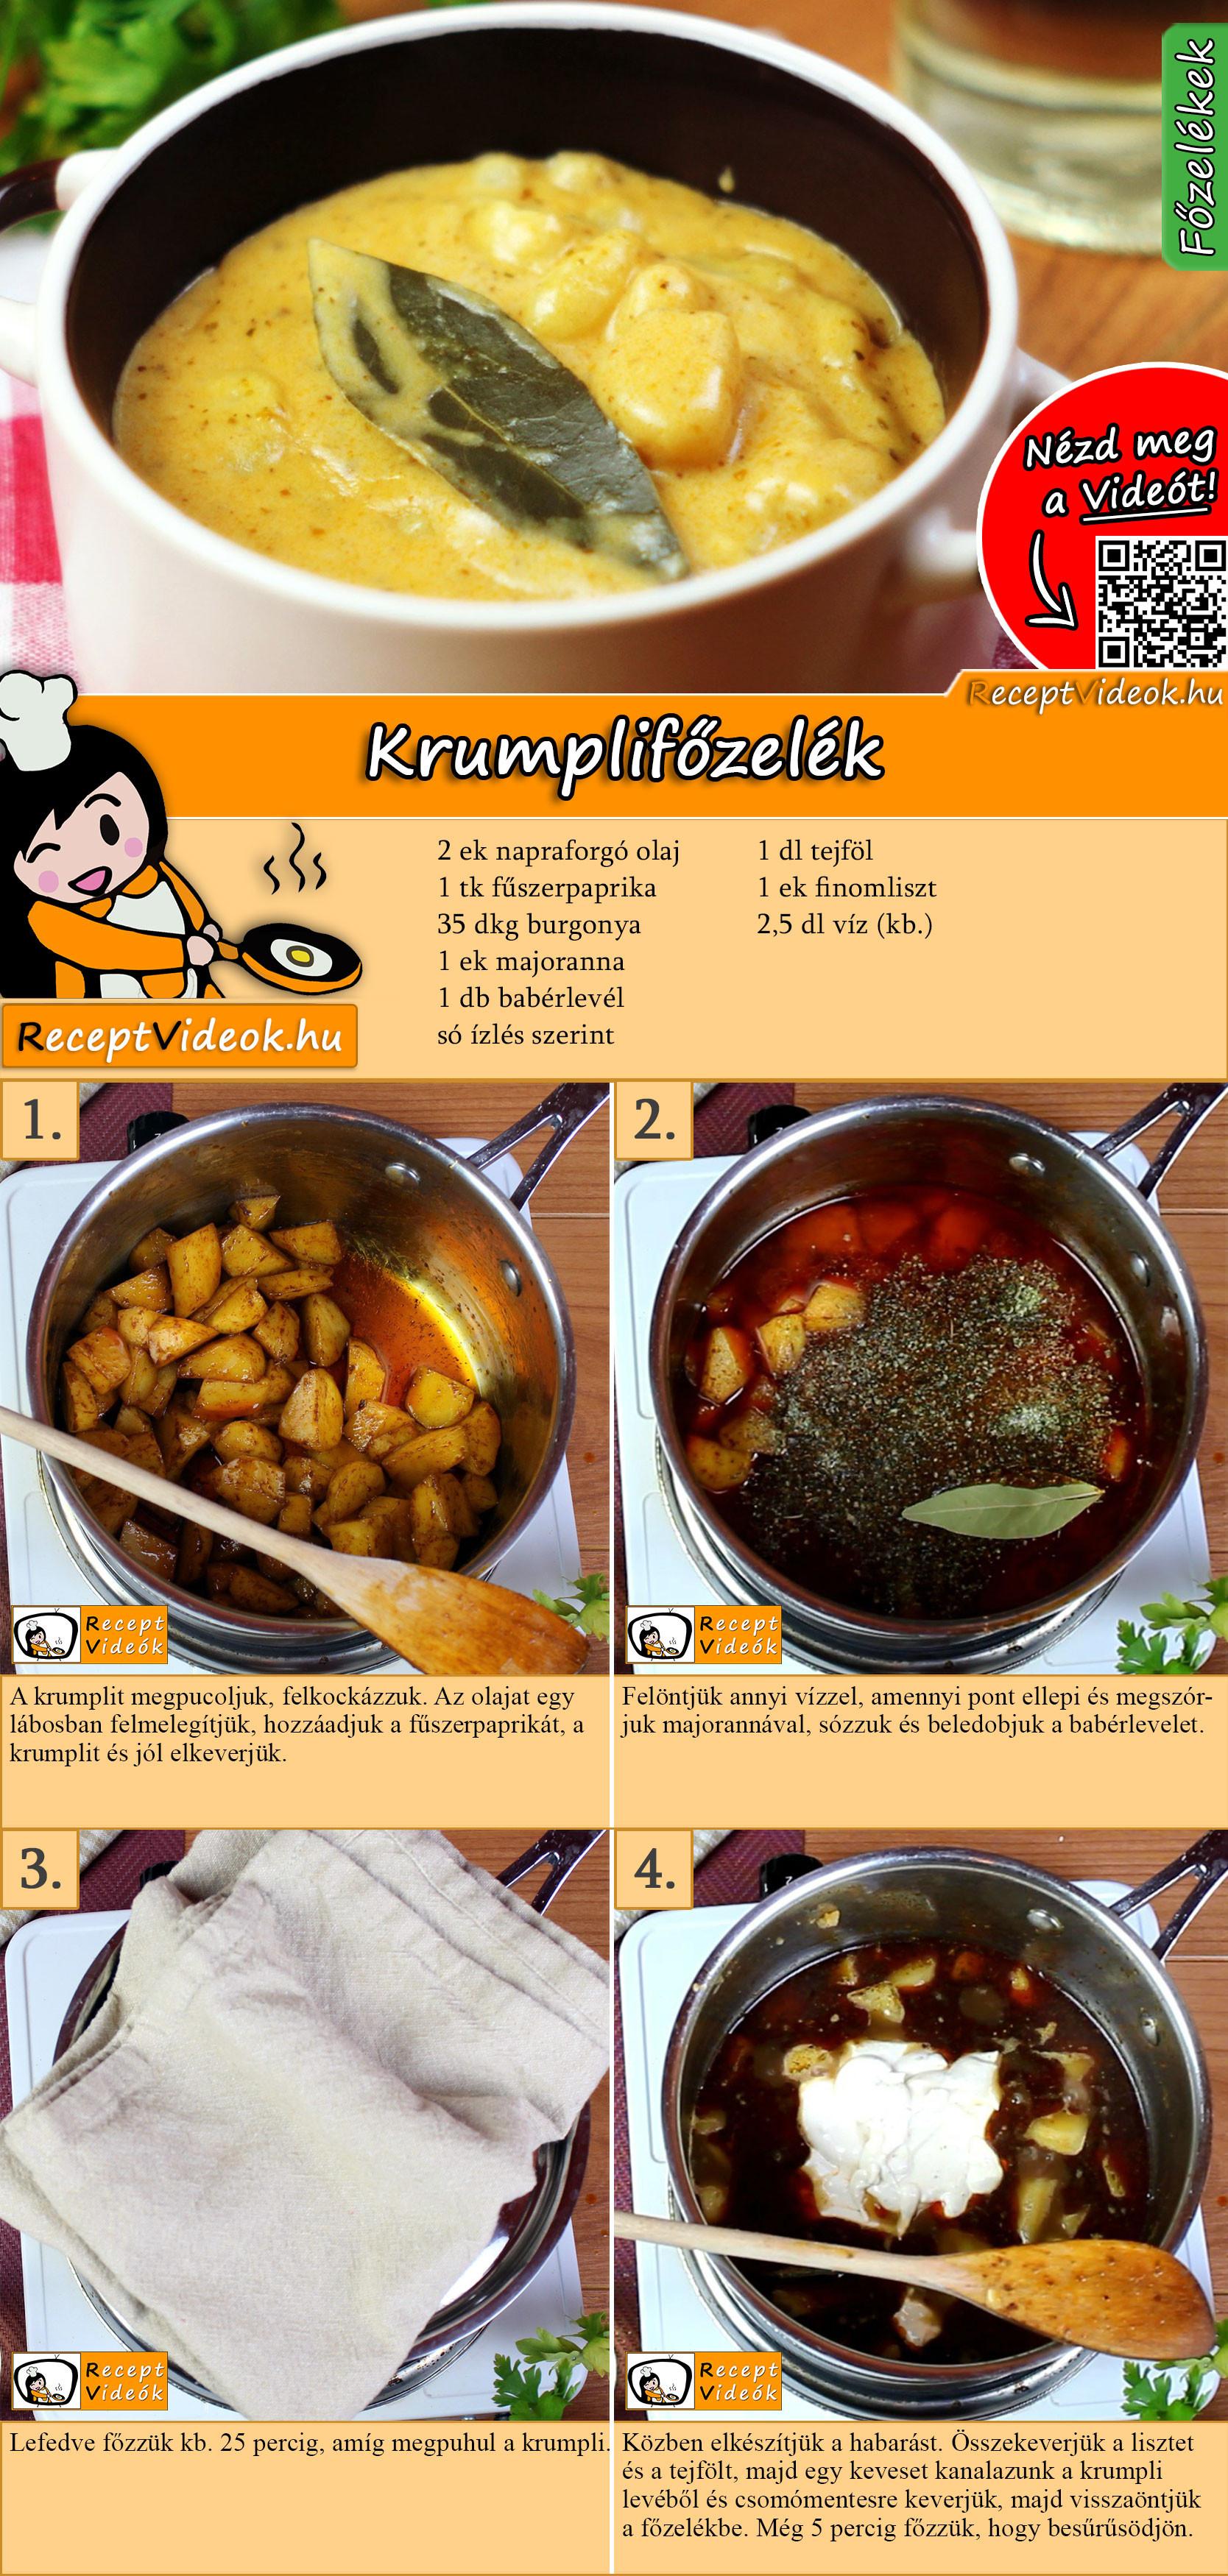 Krumplifőzelék recept elkészítése videóval